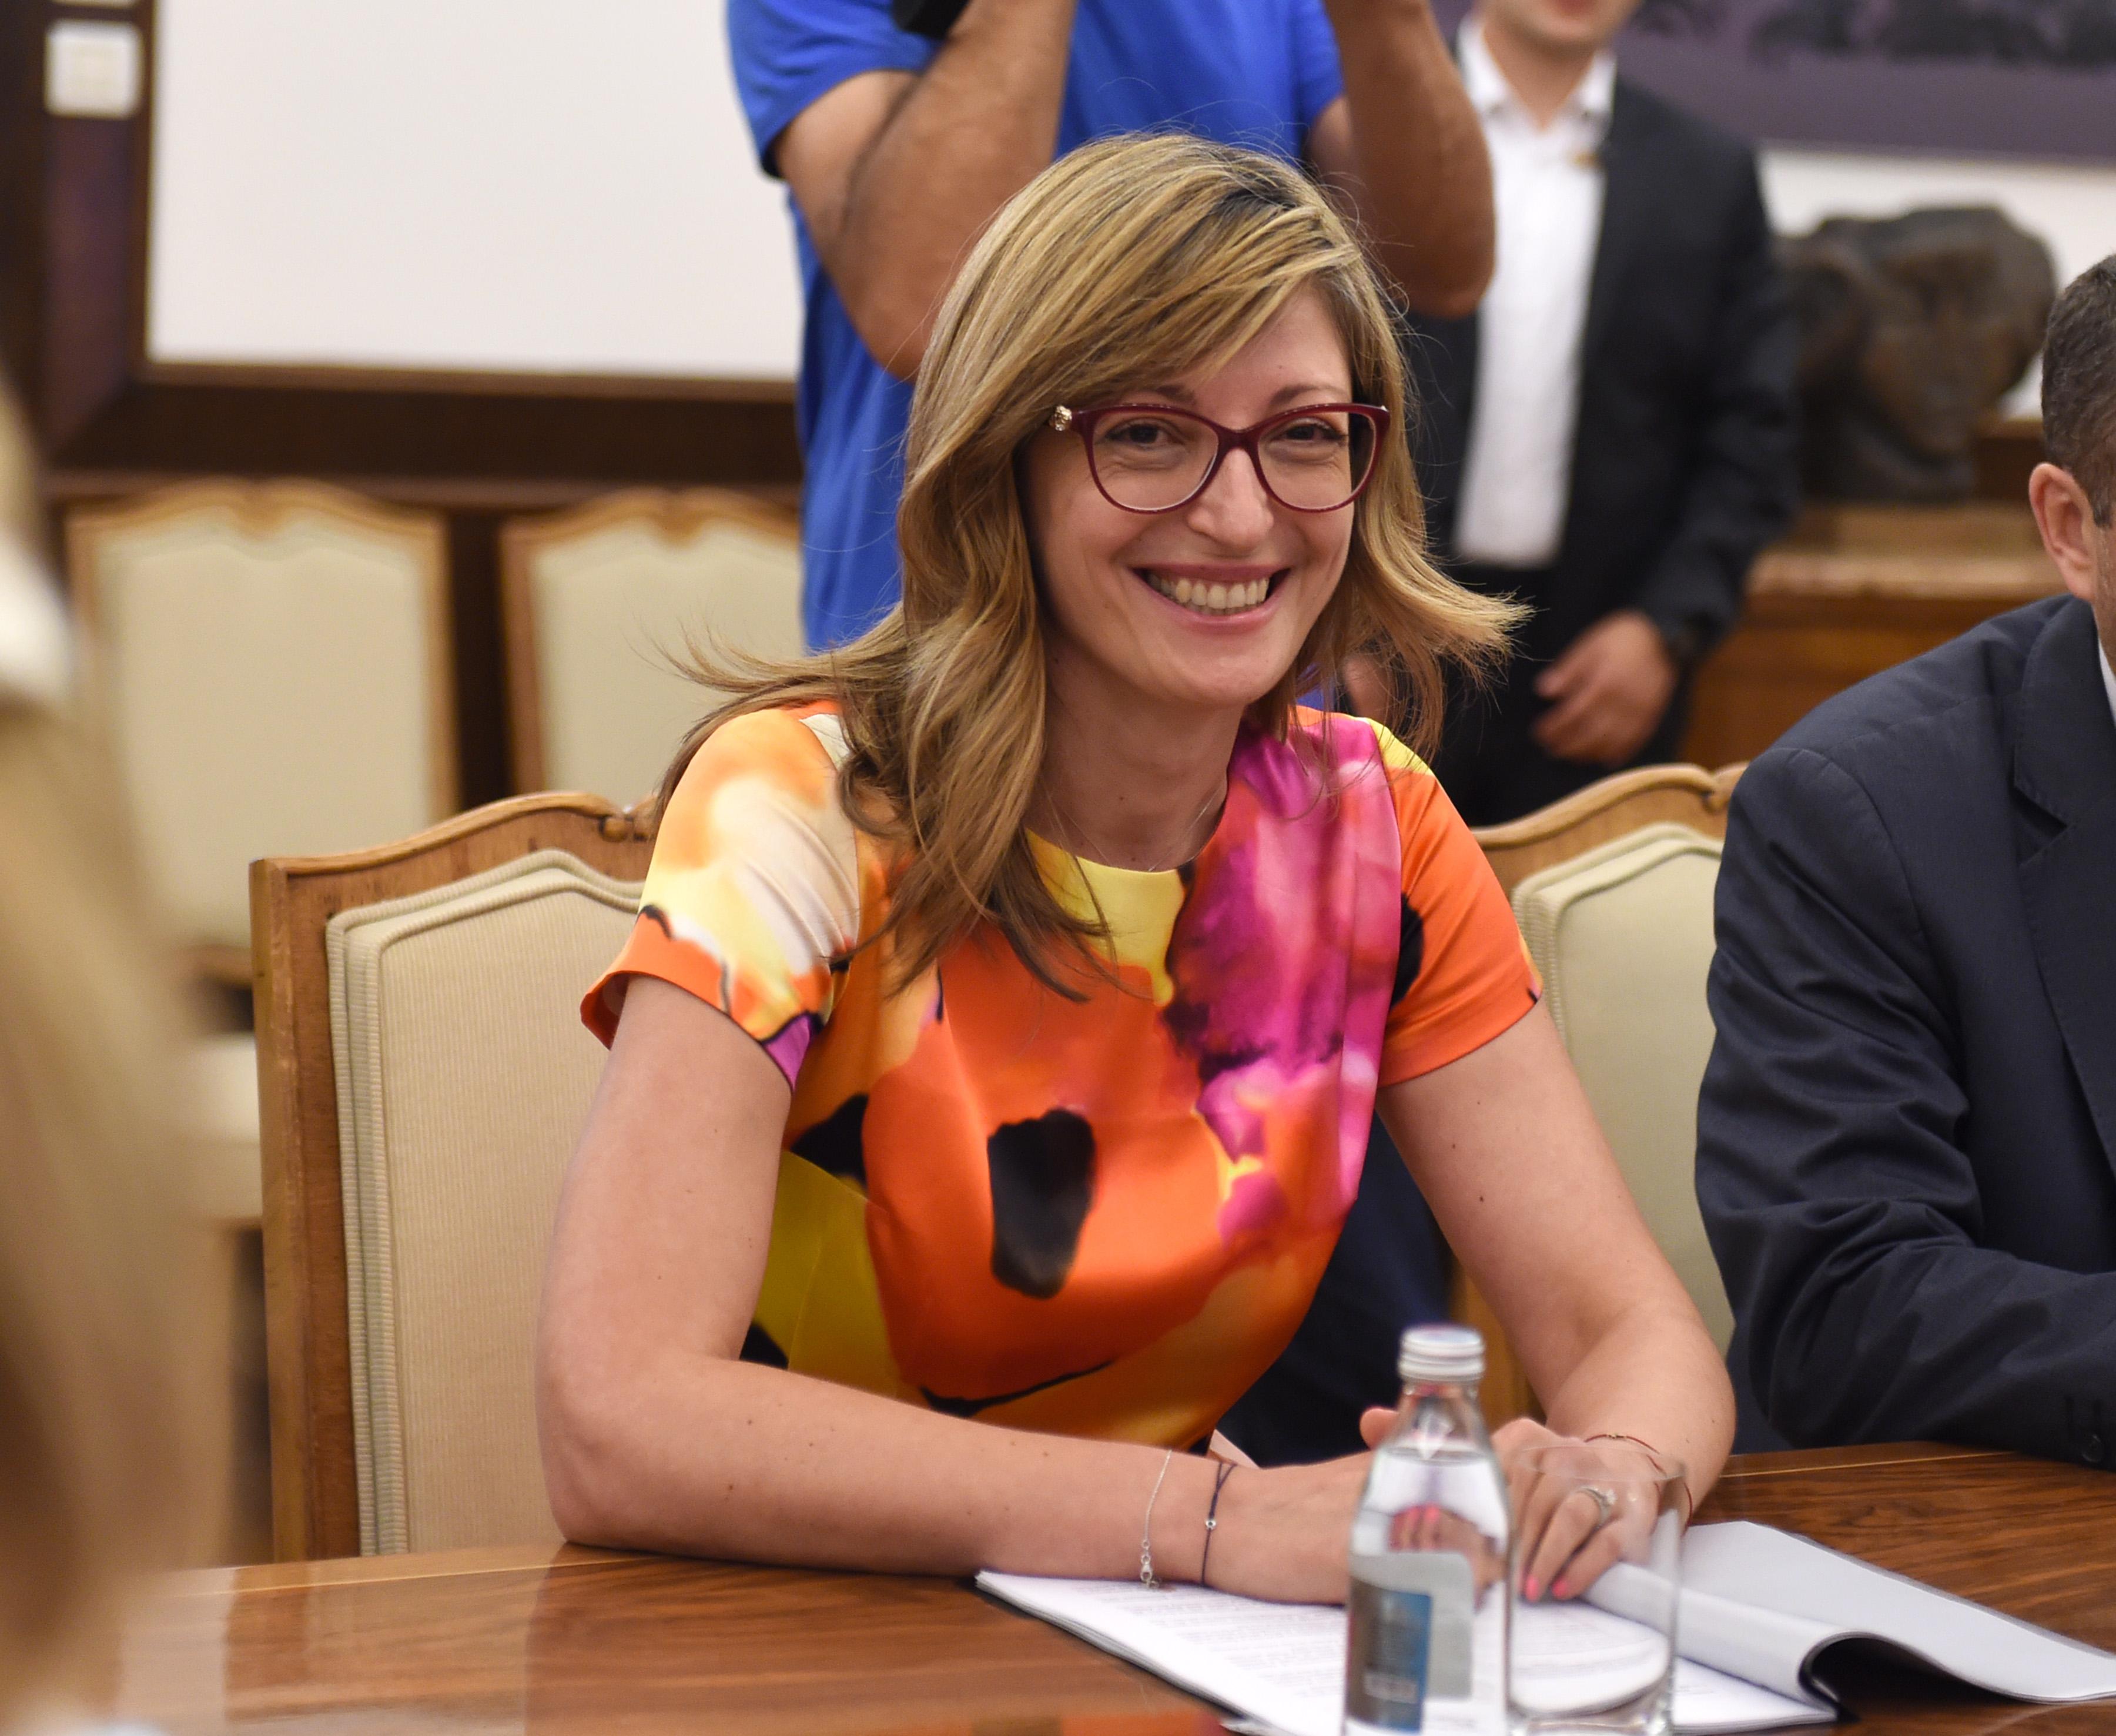 Bugarska ministerka Ekaterina Zaharijeva: Zapadni Balkan pod snažnim stranim uticajem!